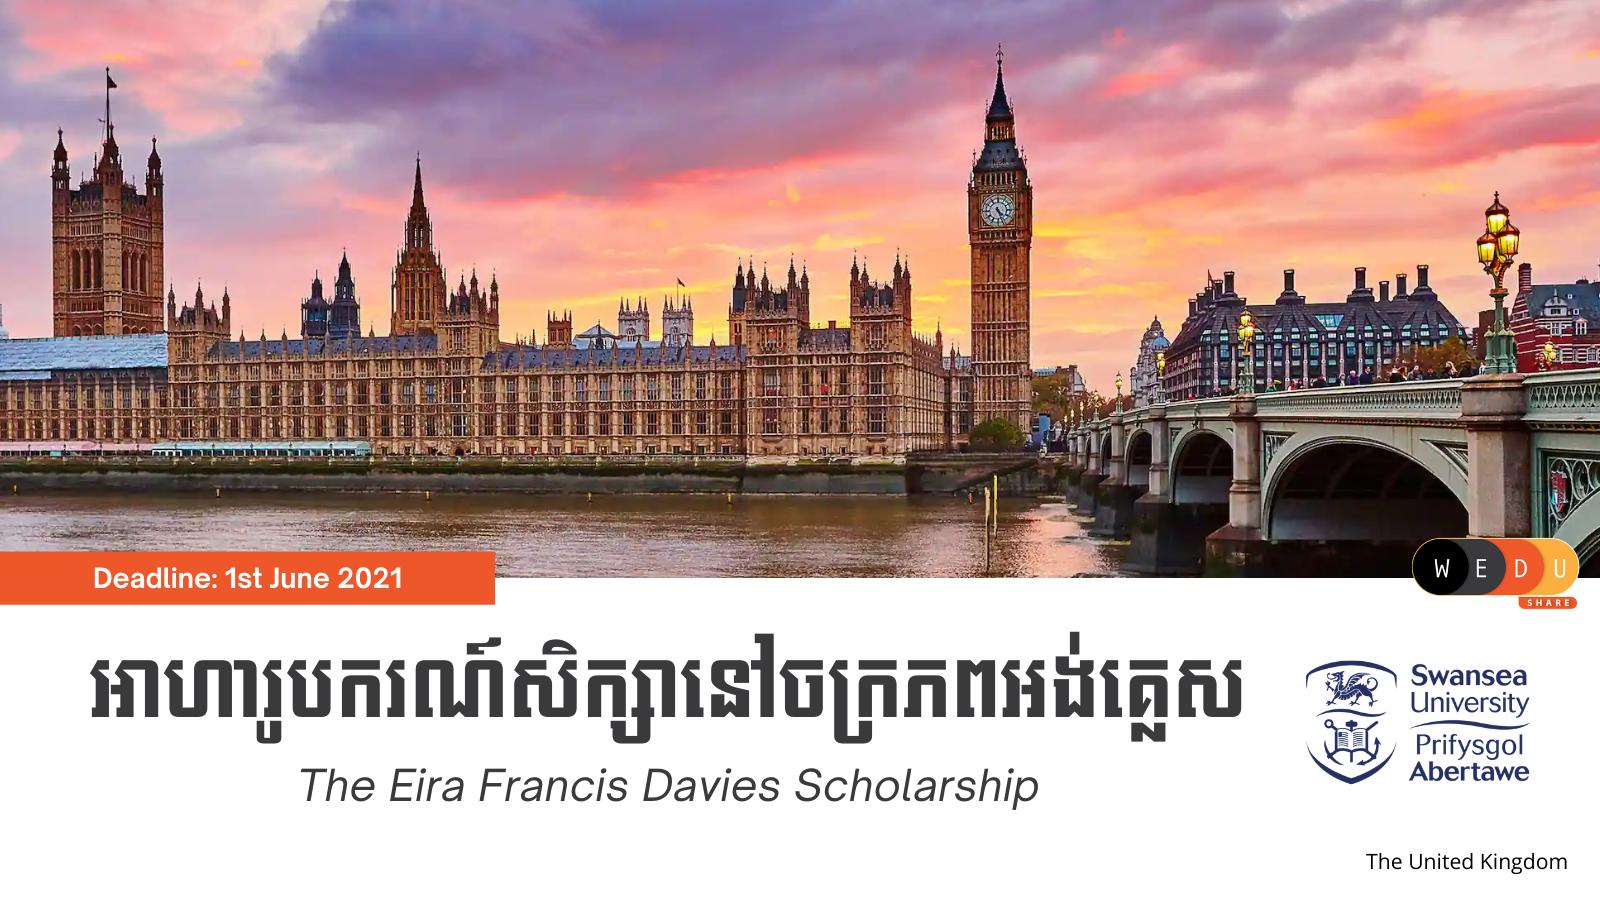 The Eira Francis Davies Scholarship